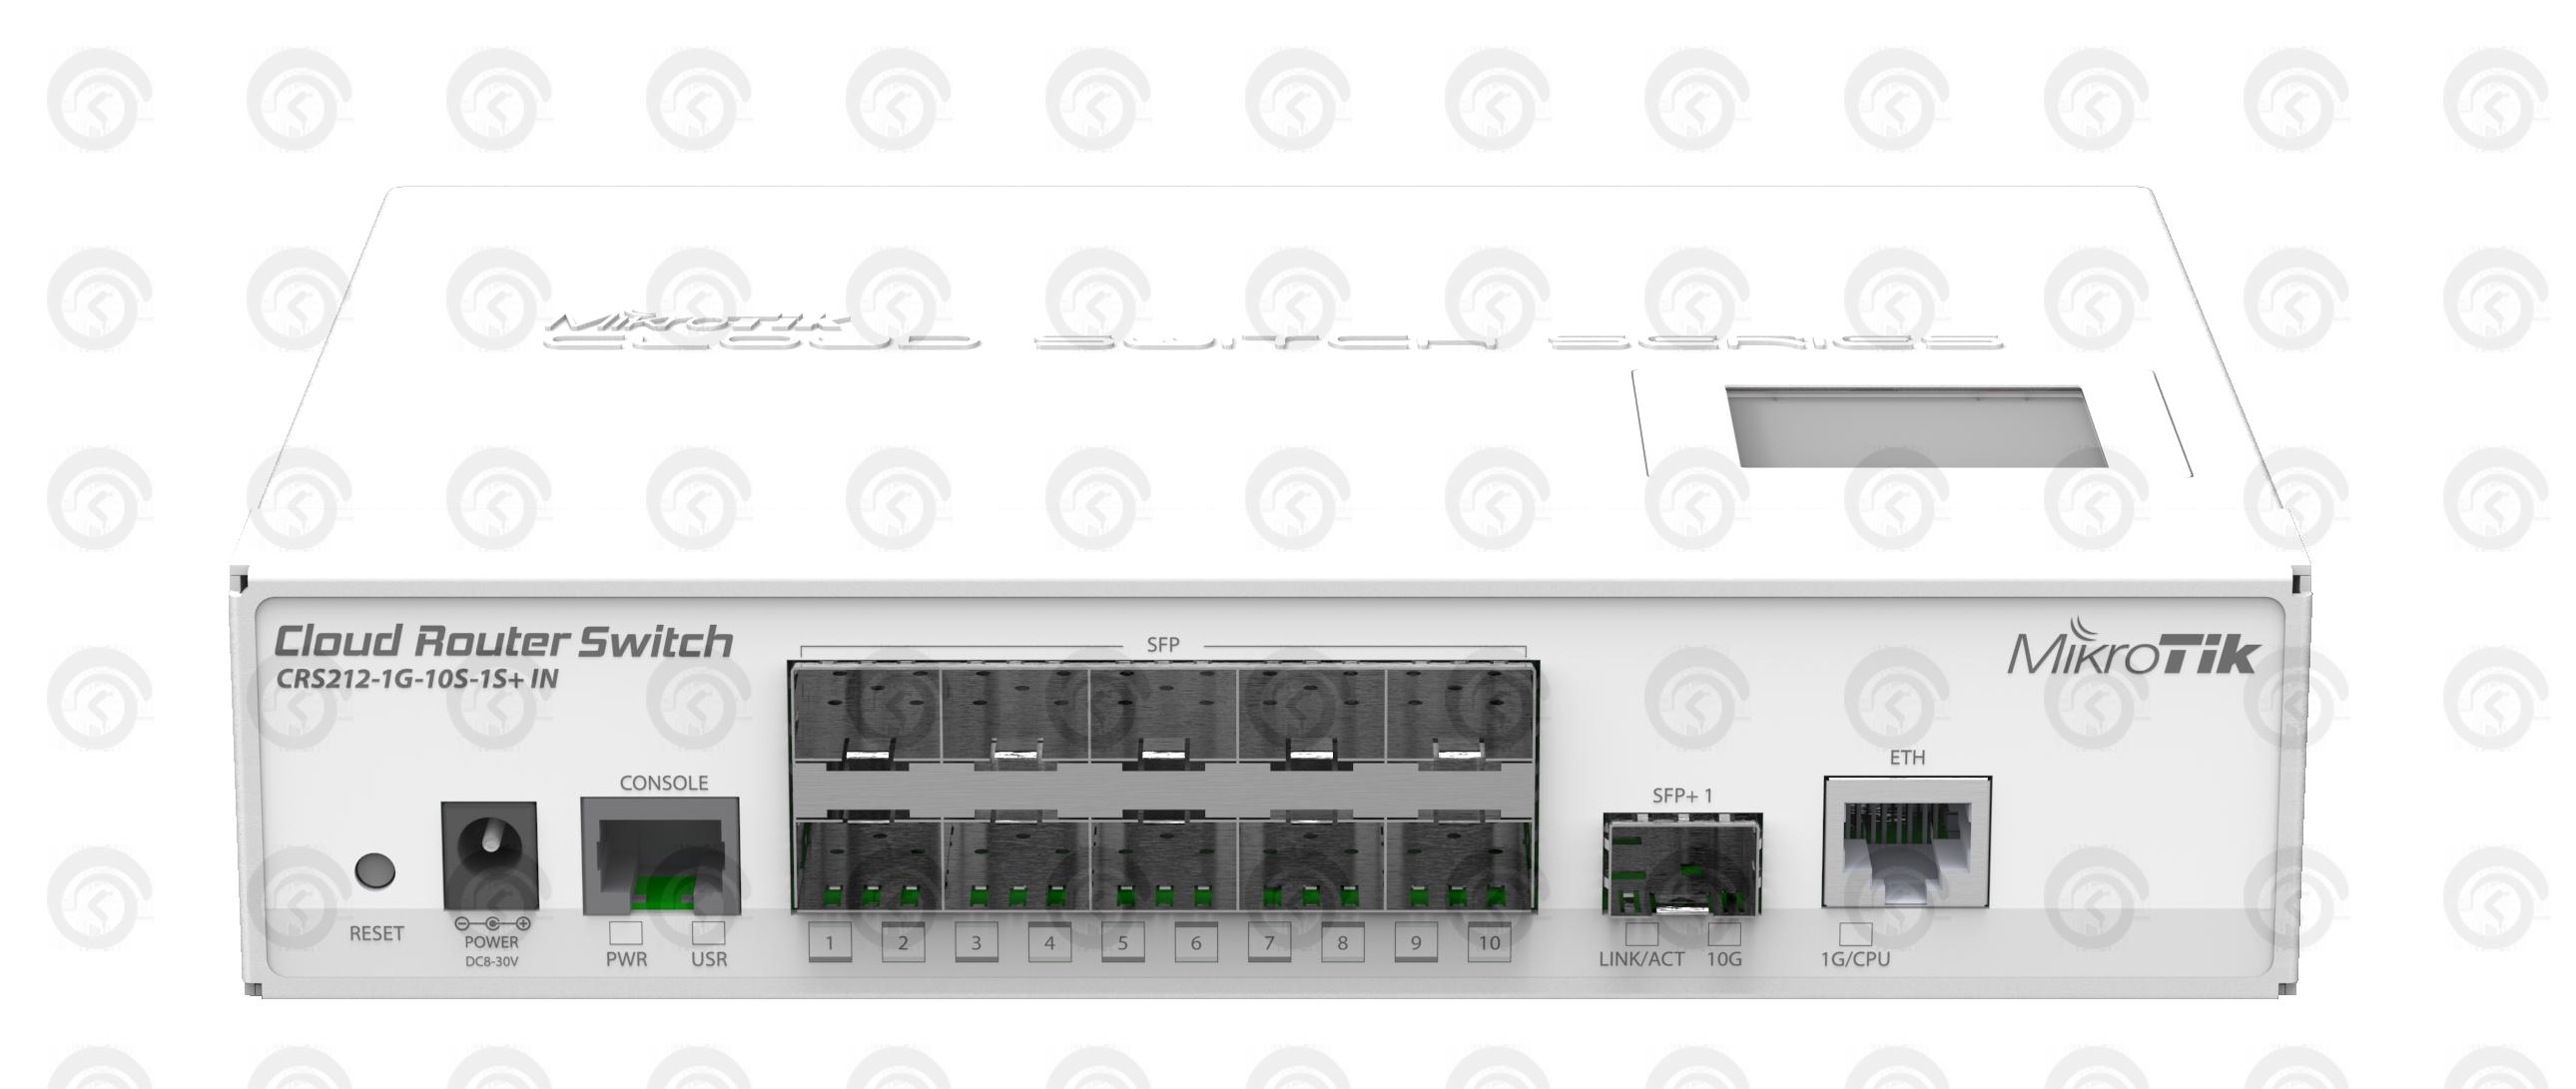 Коммутатор Mikrotik CRS212-1G-10S-1S+IN управляемый